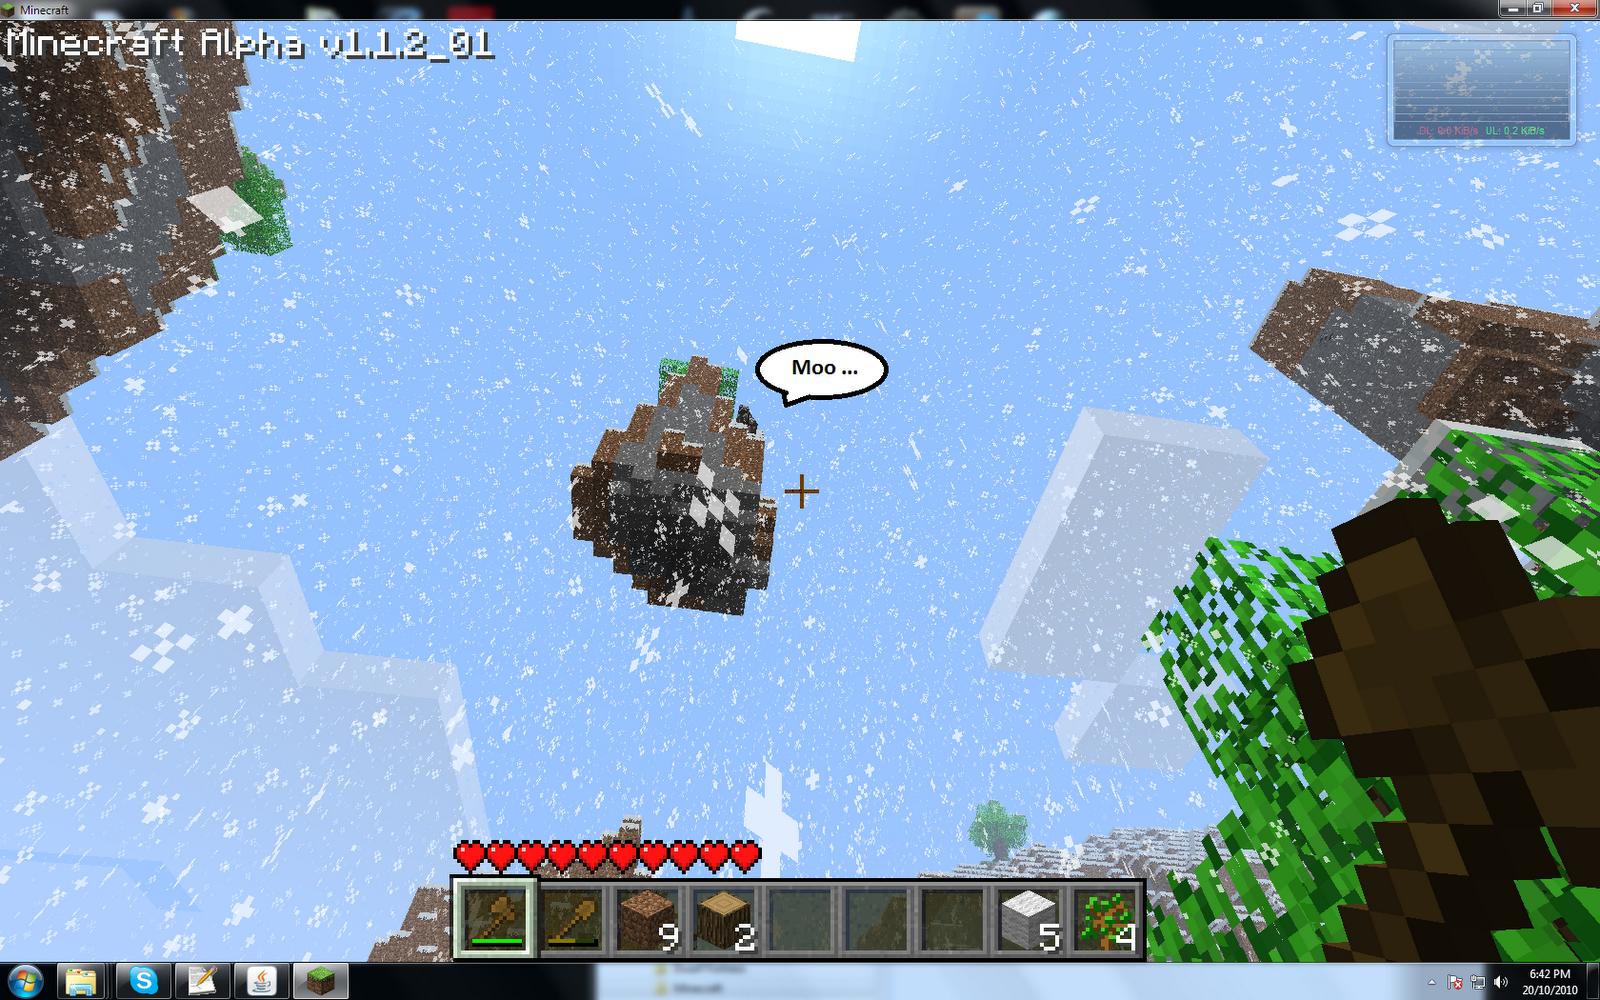 http://1.bp.blogspot.com/_-5JVKu2u9E8/TMBEywnf-pI/AAAAAAAAAmM/age5SPqakgo/s1600/Minecraft_cow_up_high.png